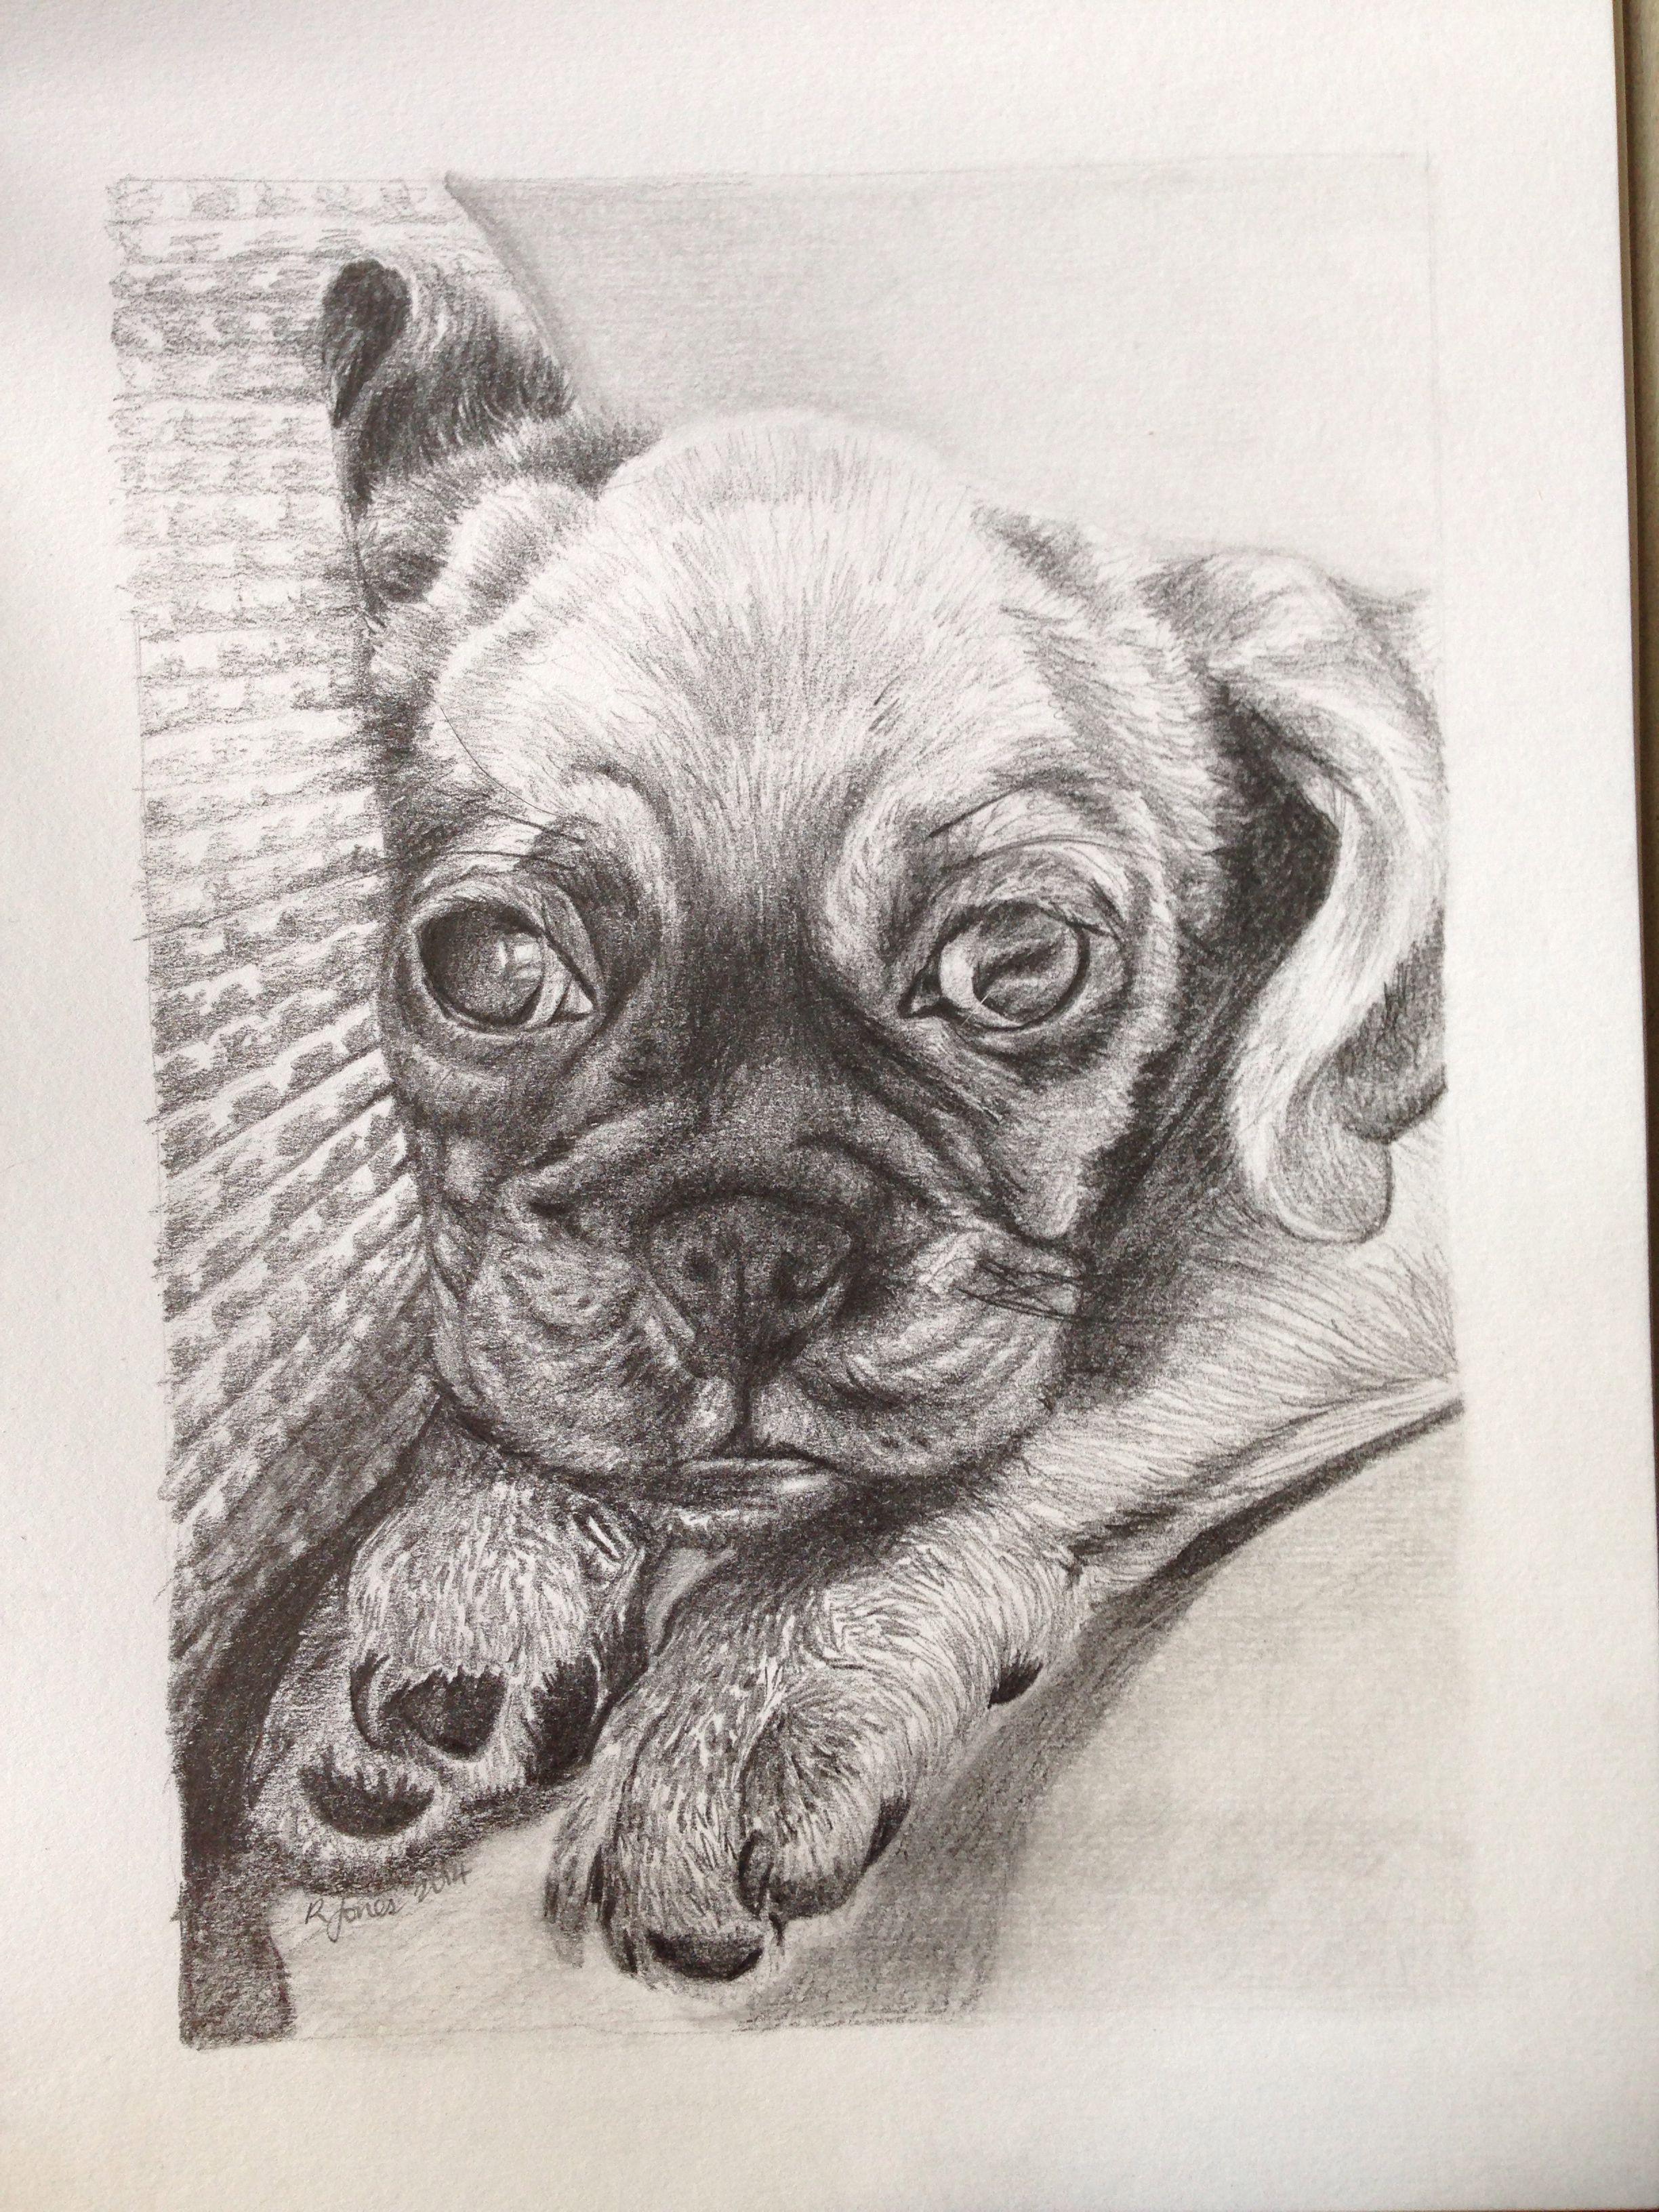 Puppy portrait commission